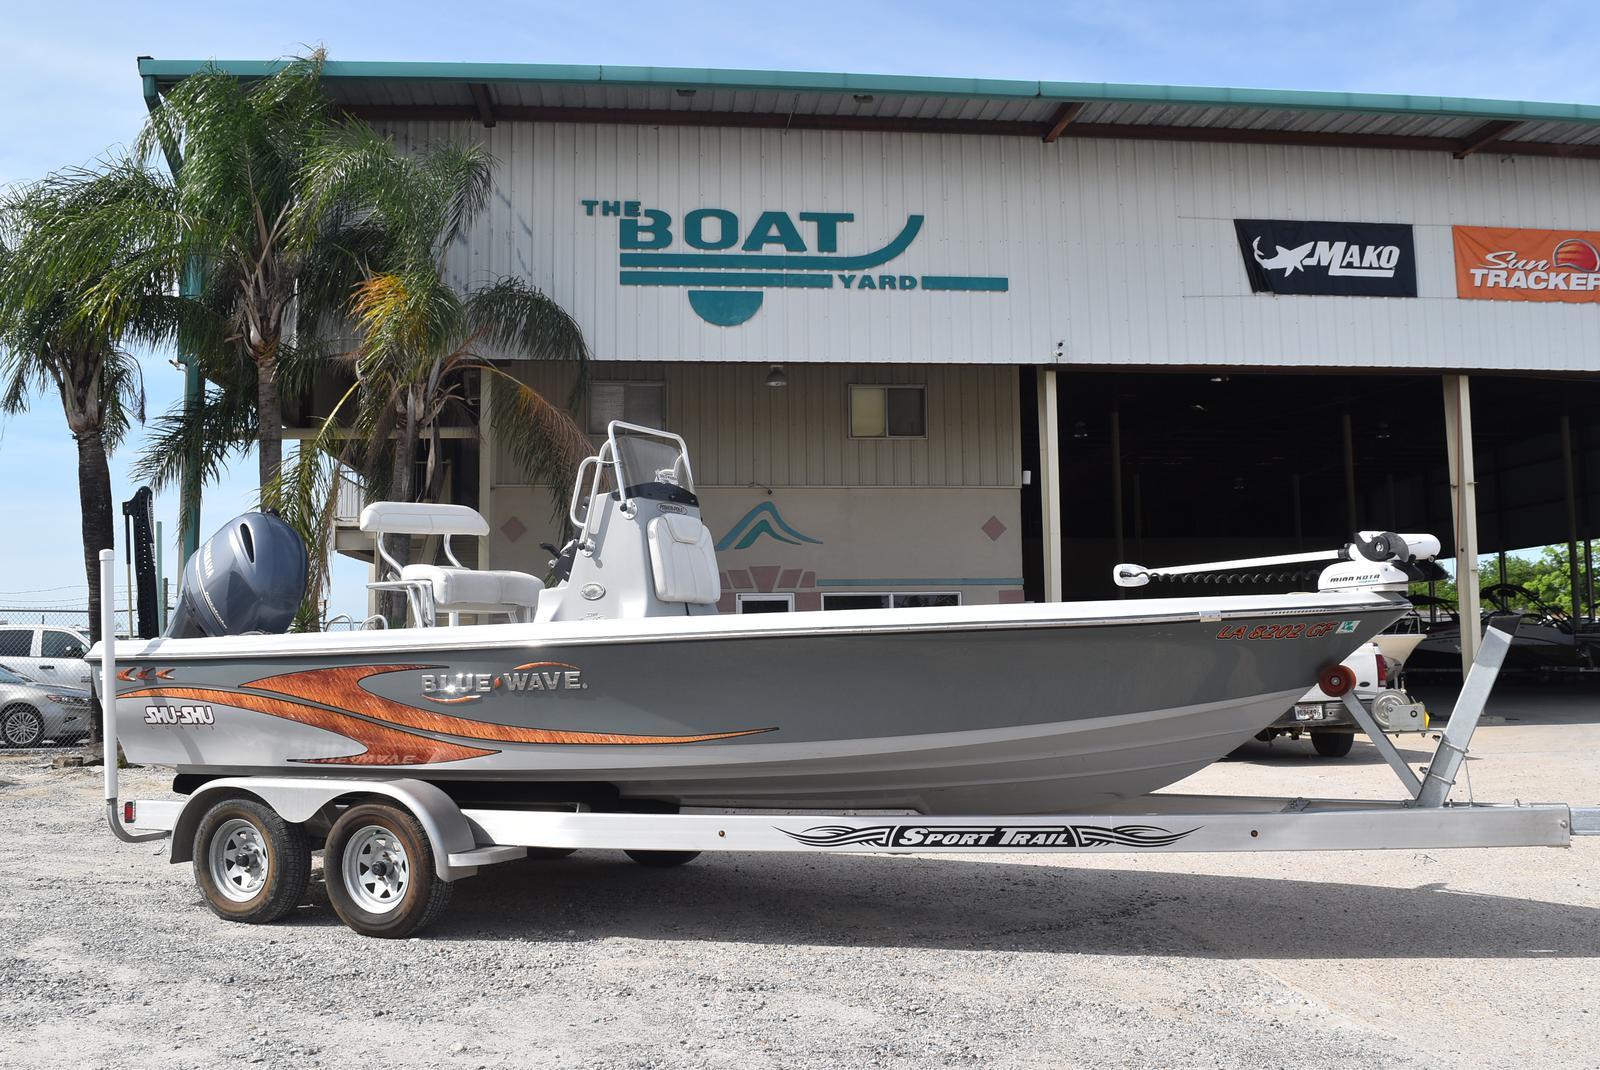 New  2017 Blue Wave Boats Boat in Marrero, Louisiana